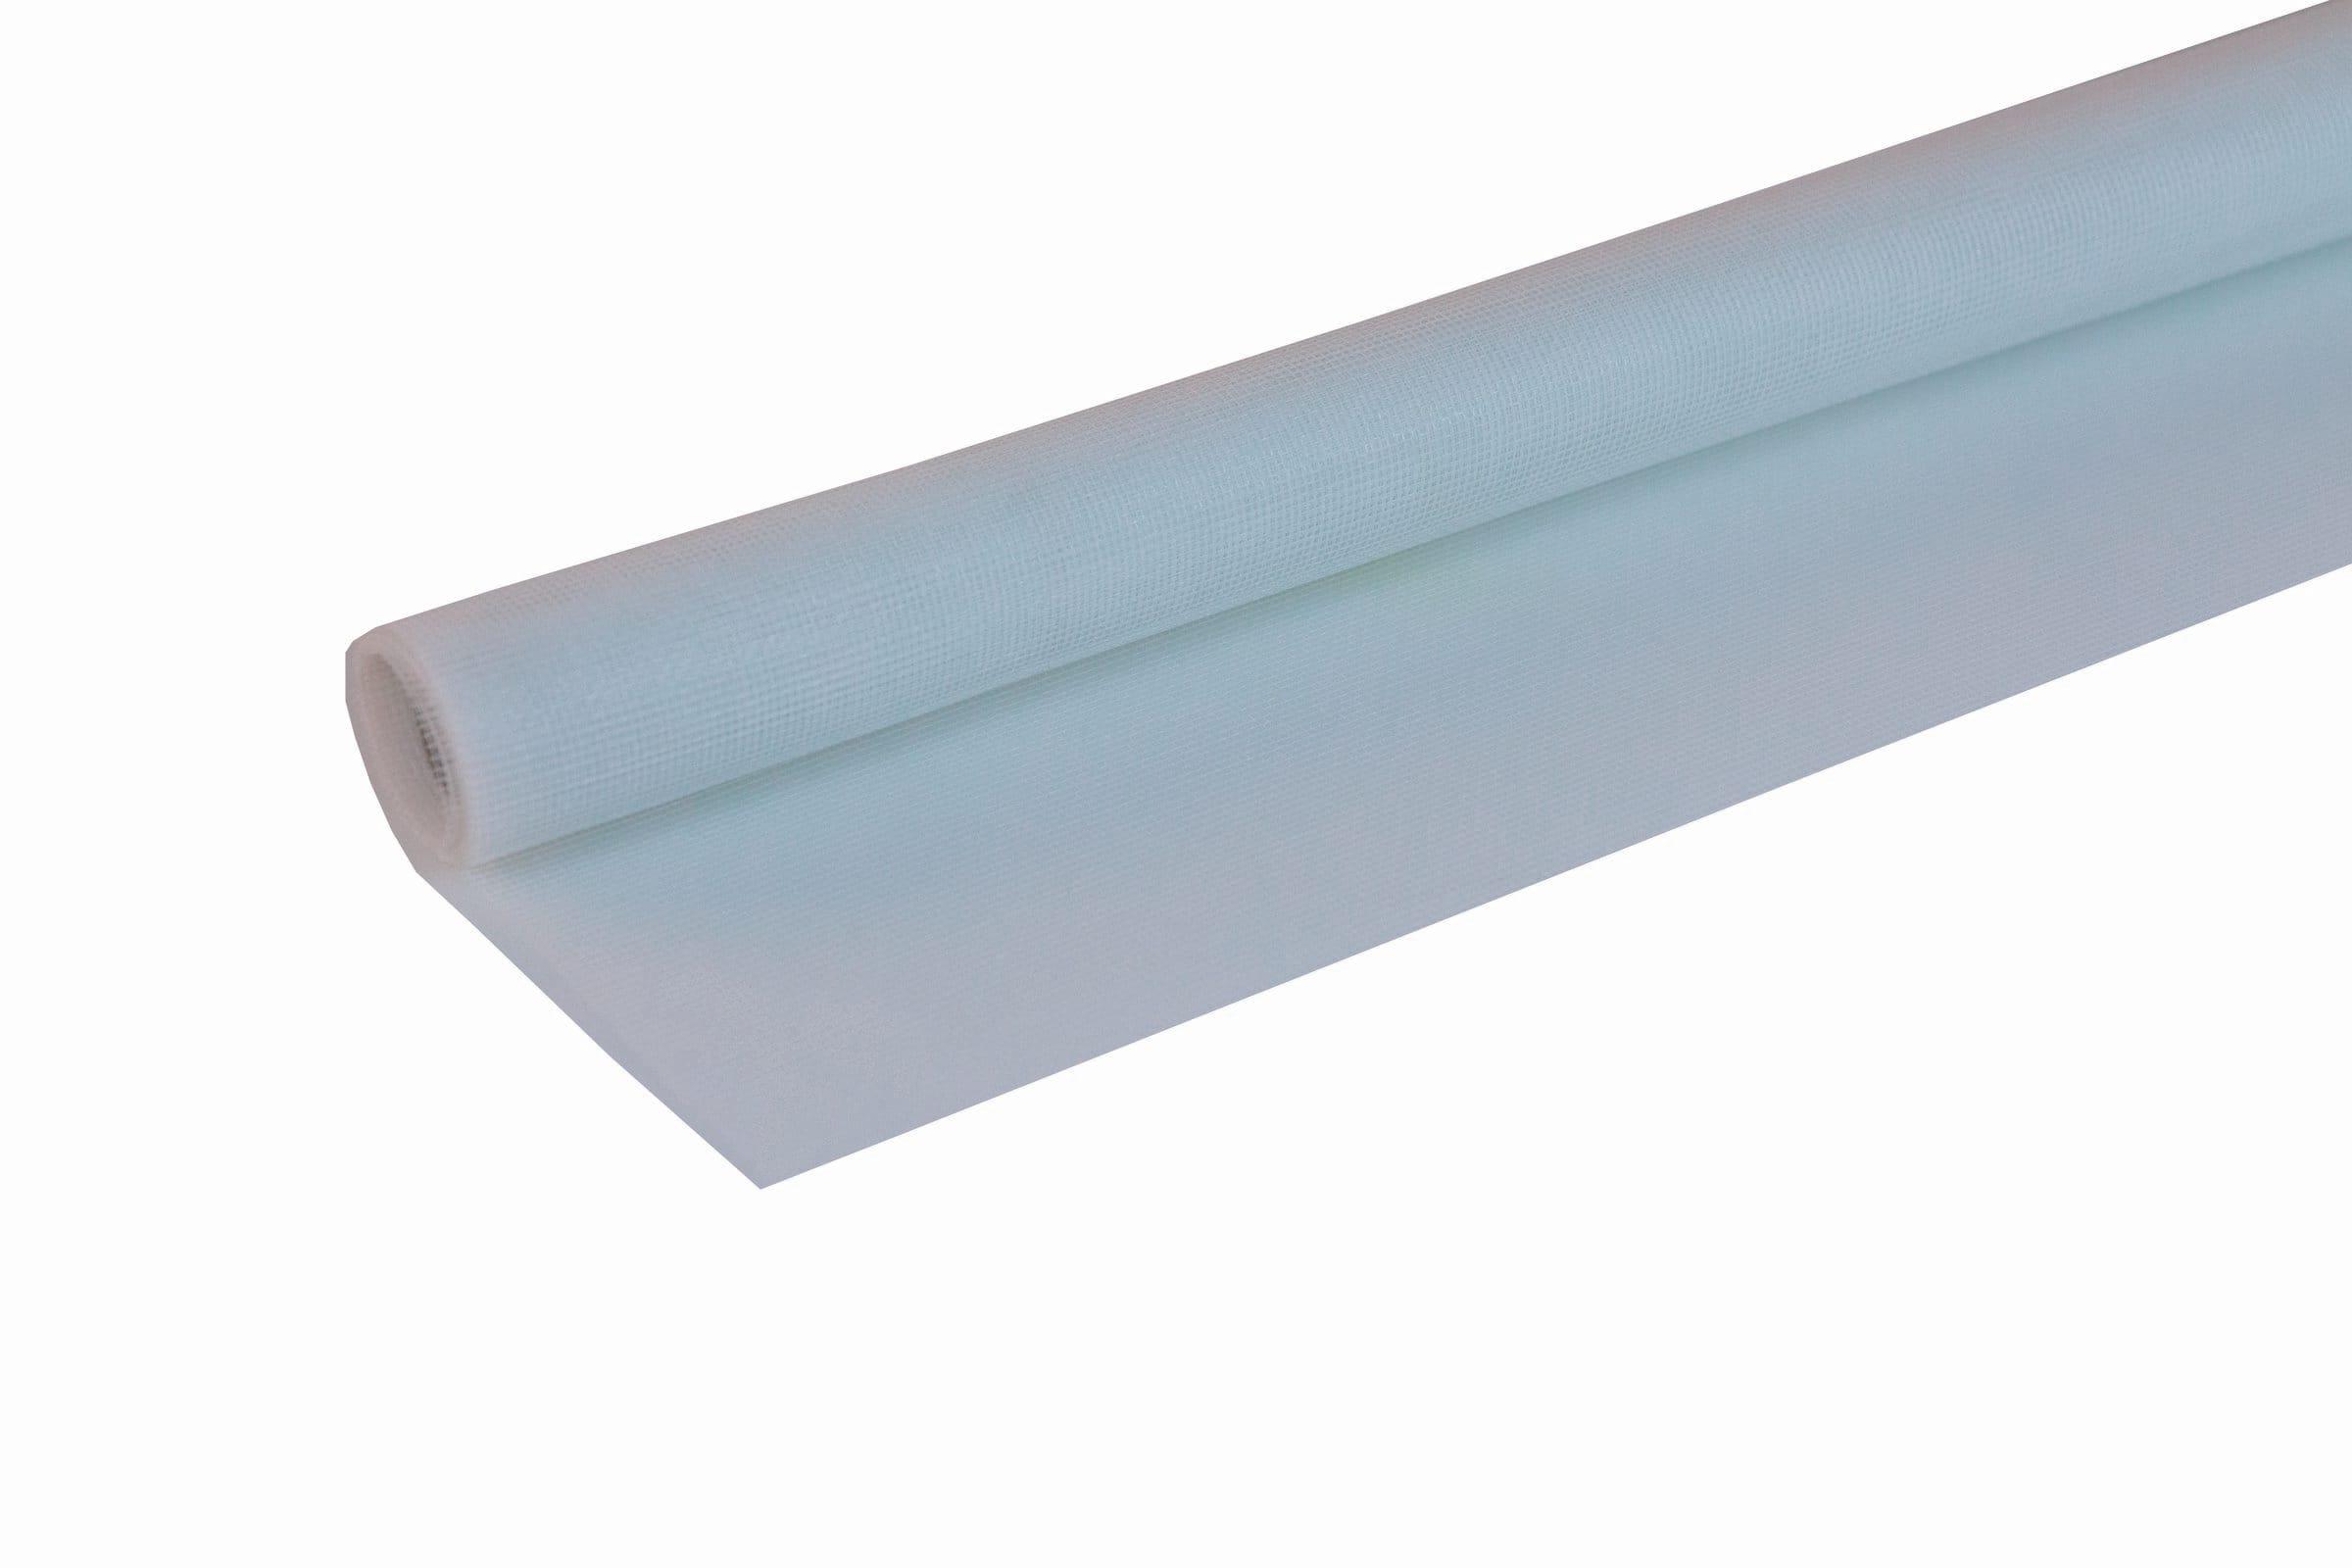 Windhager Zanzariera fibra di vetro Zanzariera